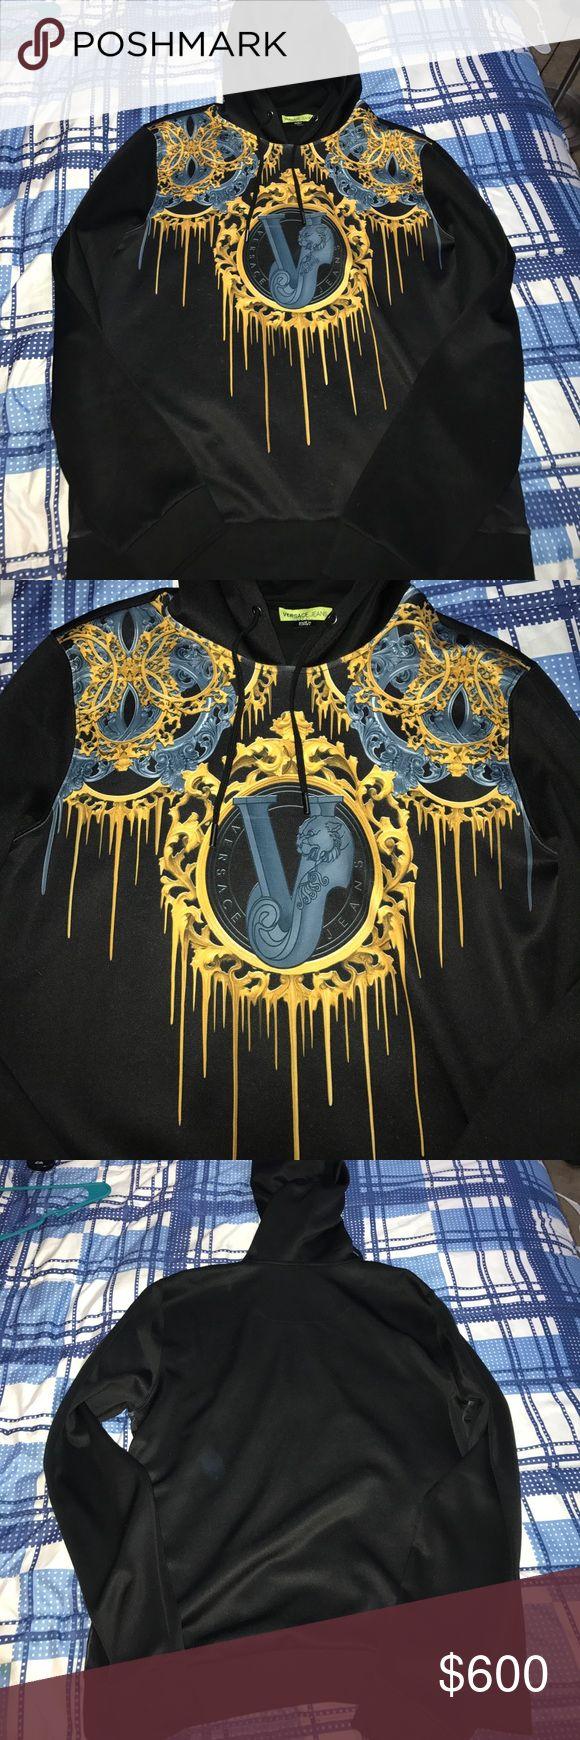 Versace hoodie Black Versace hoodie XL Versace Jackets & Coats Lightweight & Shirt Jackets